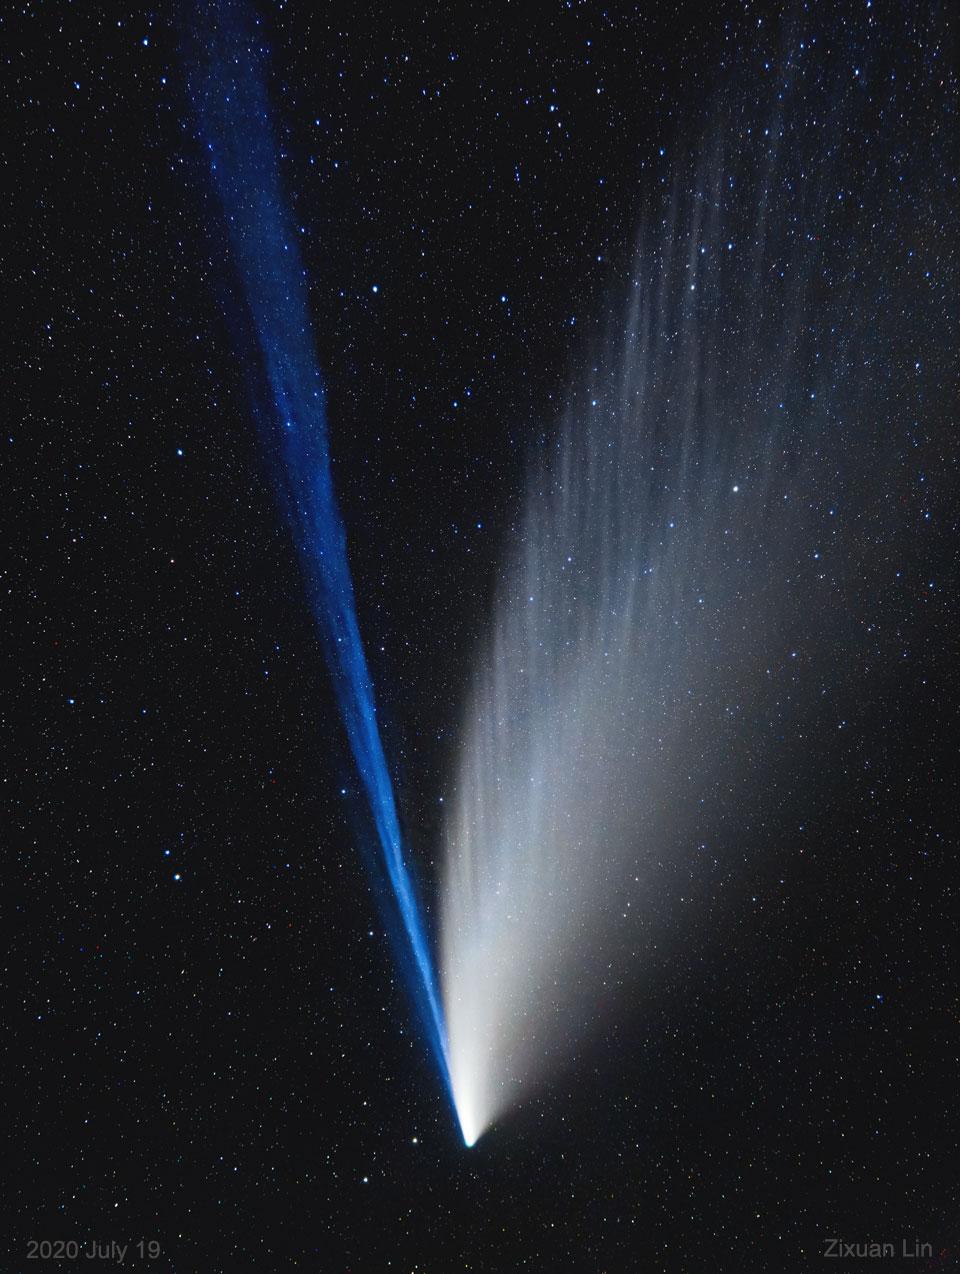 Les structures des queues de la comète NEOWISE